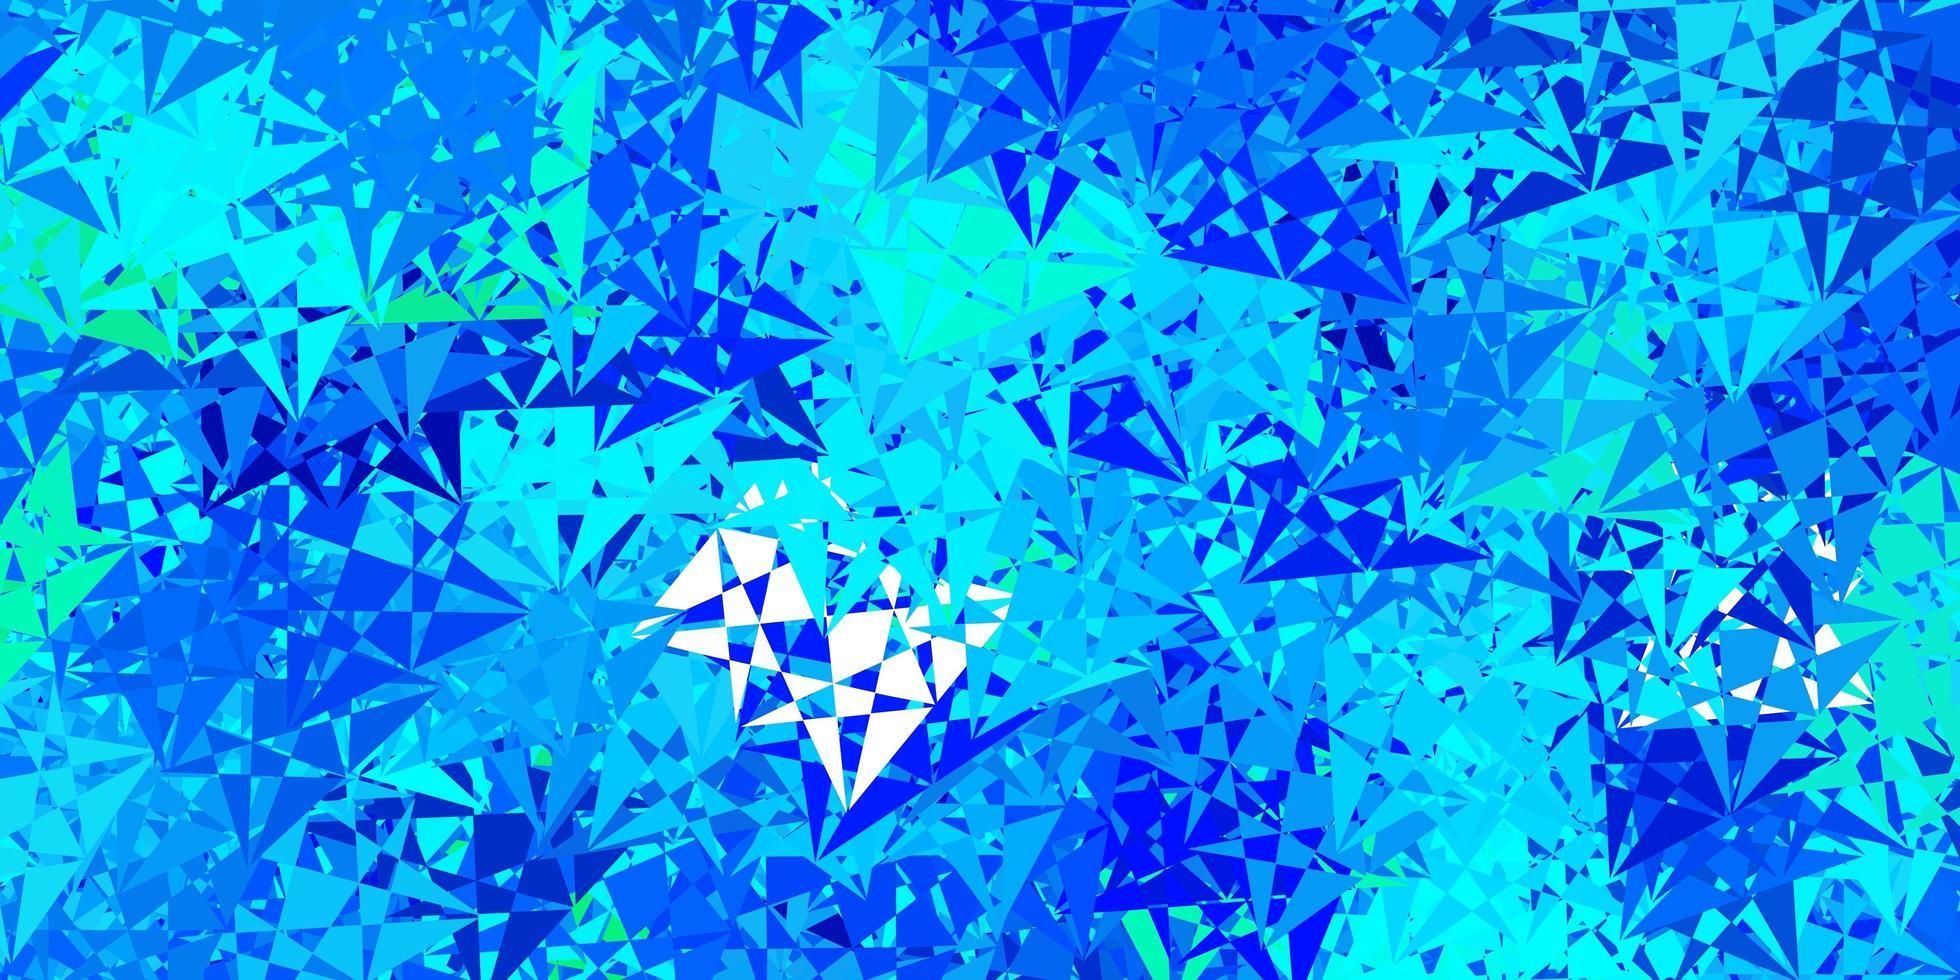 blå och grön bakgrund med trianglar. vektor